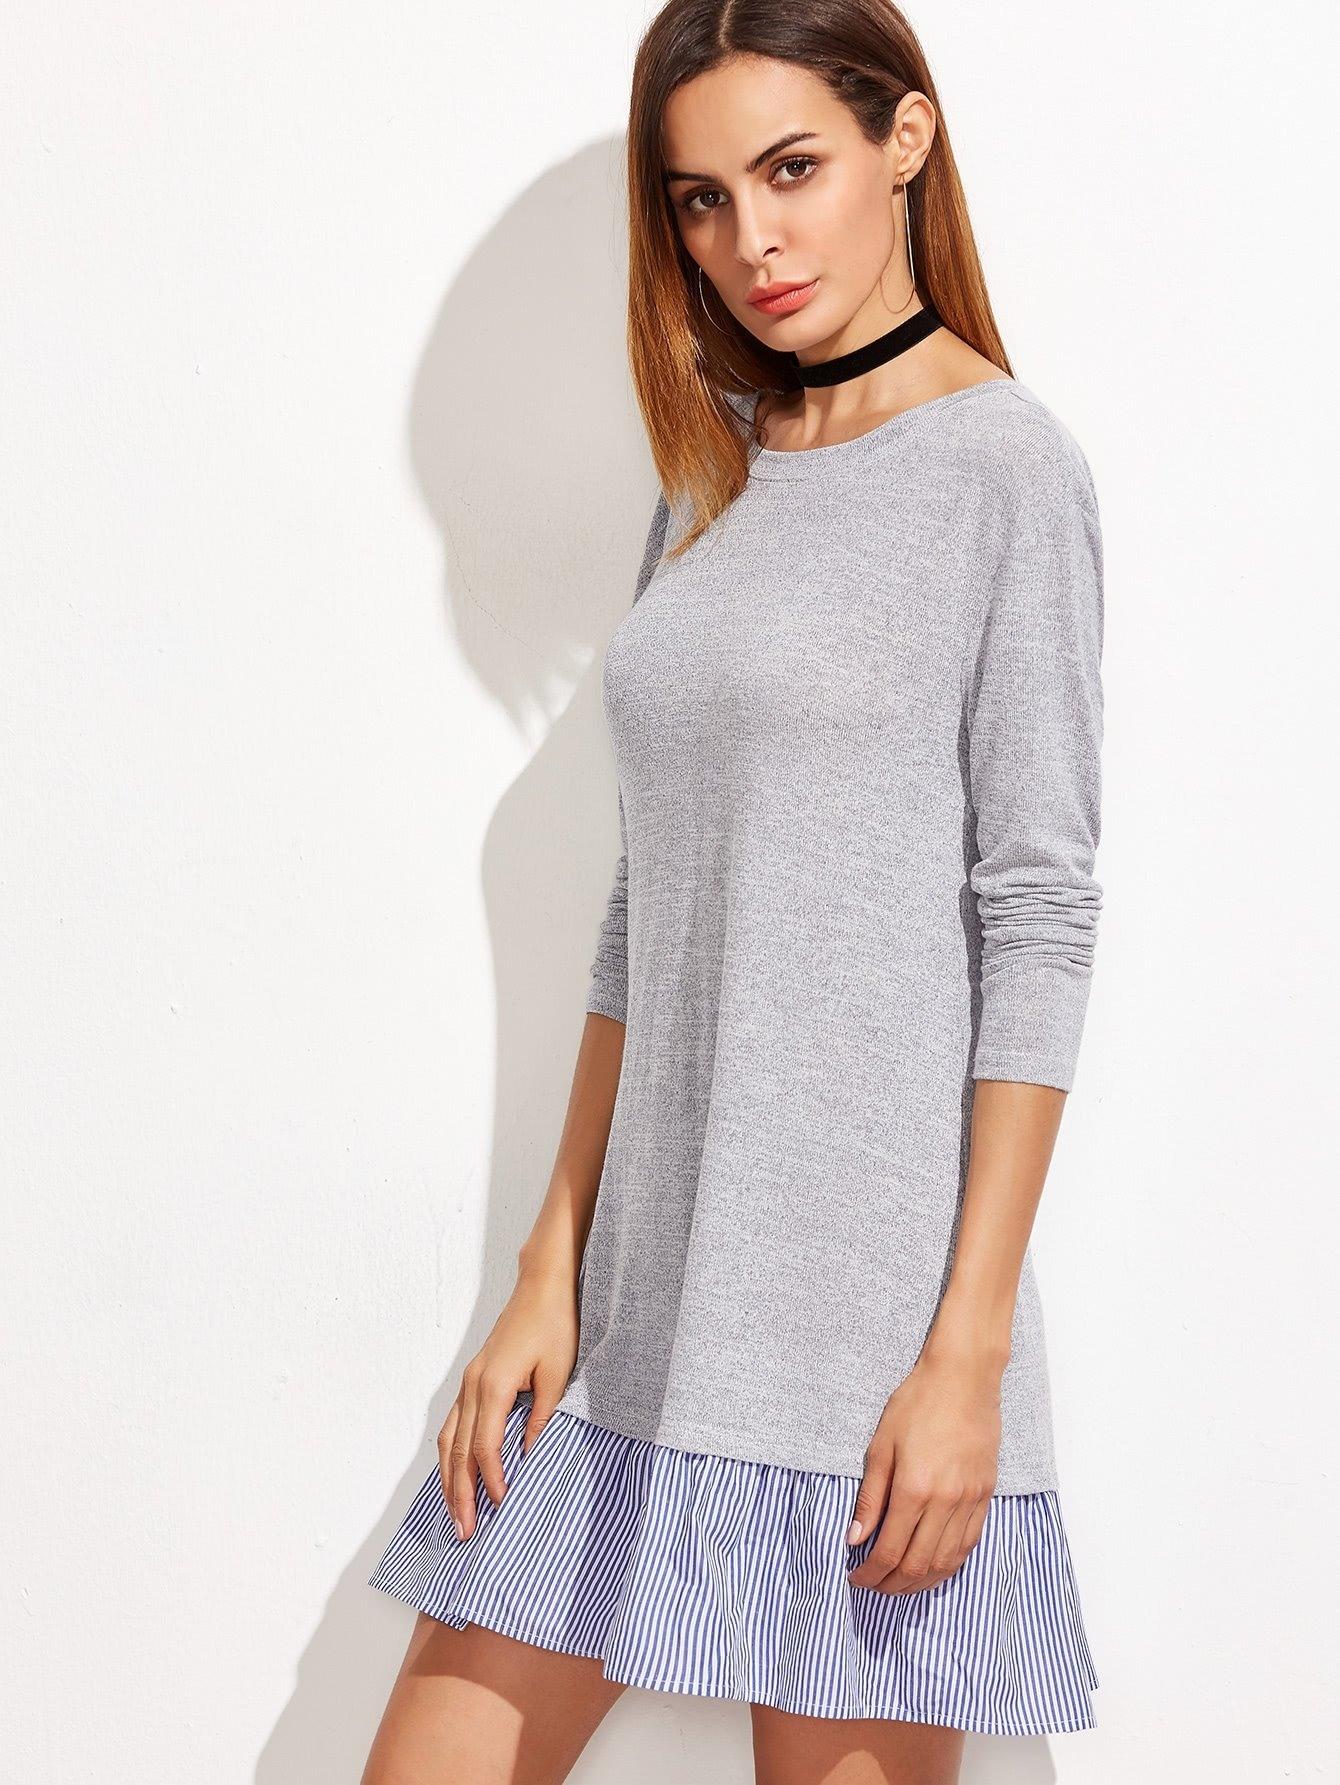 Abend Genial Kleid Mit Cut Outs Boutique15 Genial Kleid Mit Cut Outs Spezialgebiet